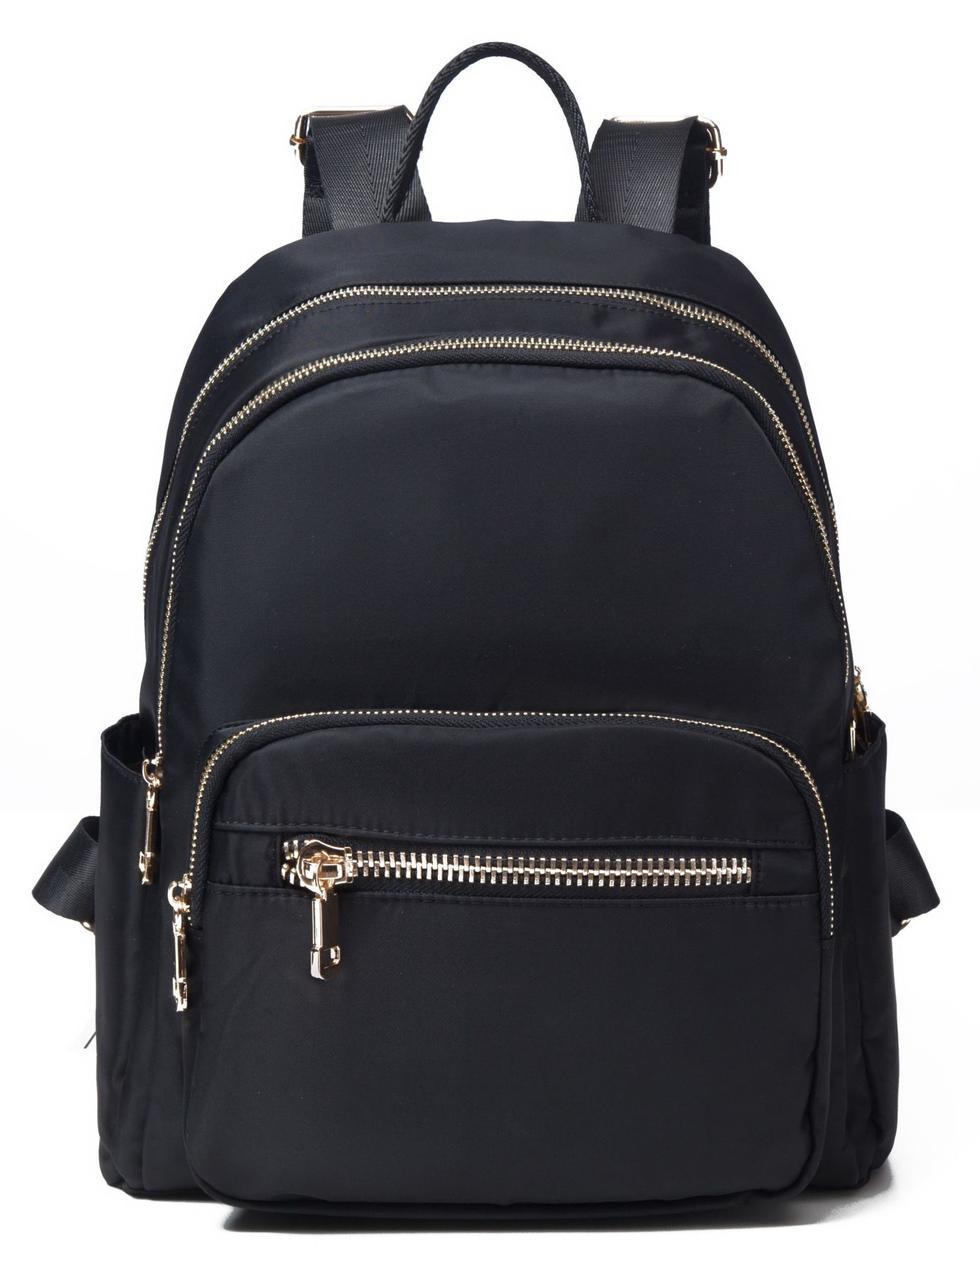 Рюкзак женский черный нейлоновый Vintage 14805